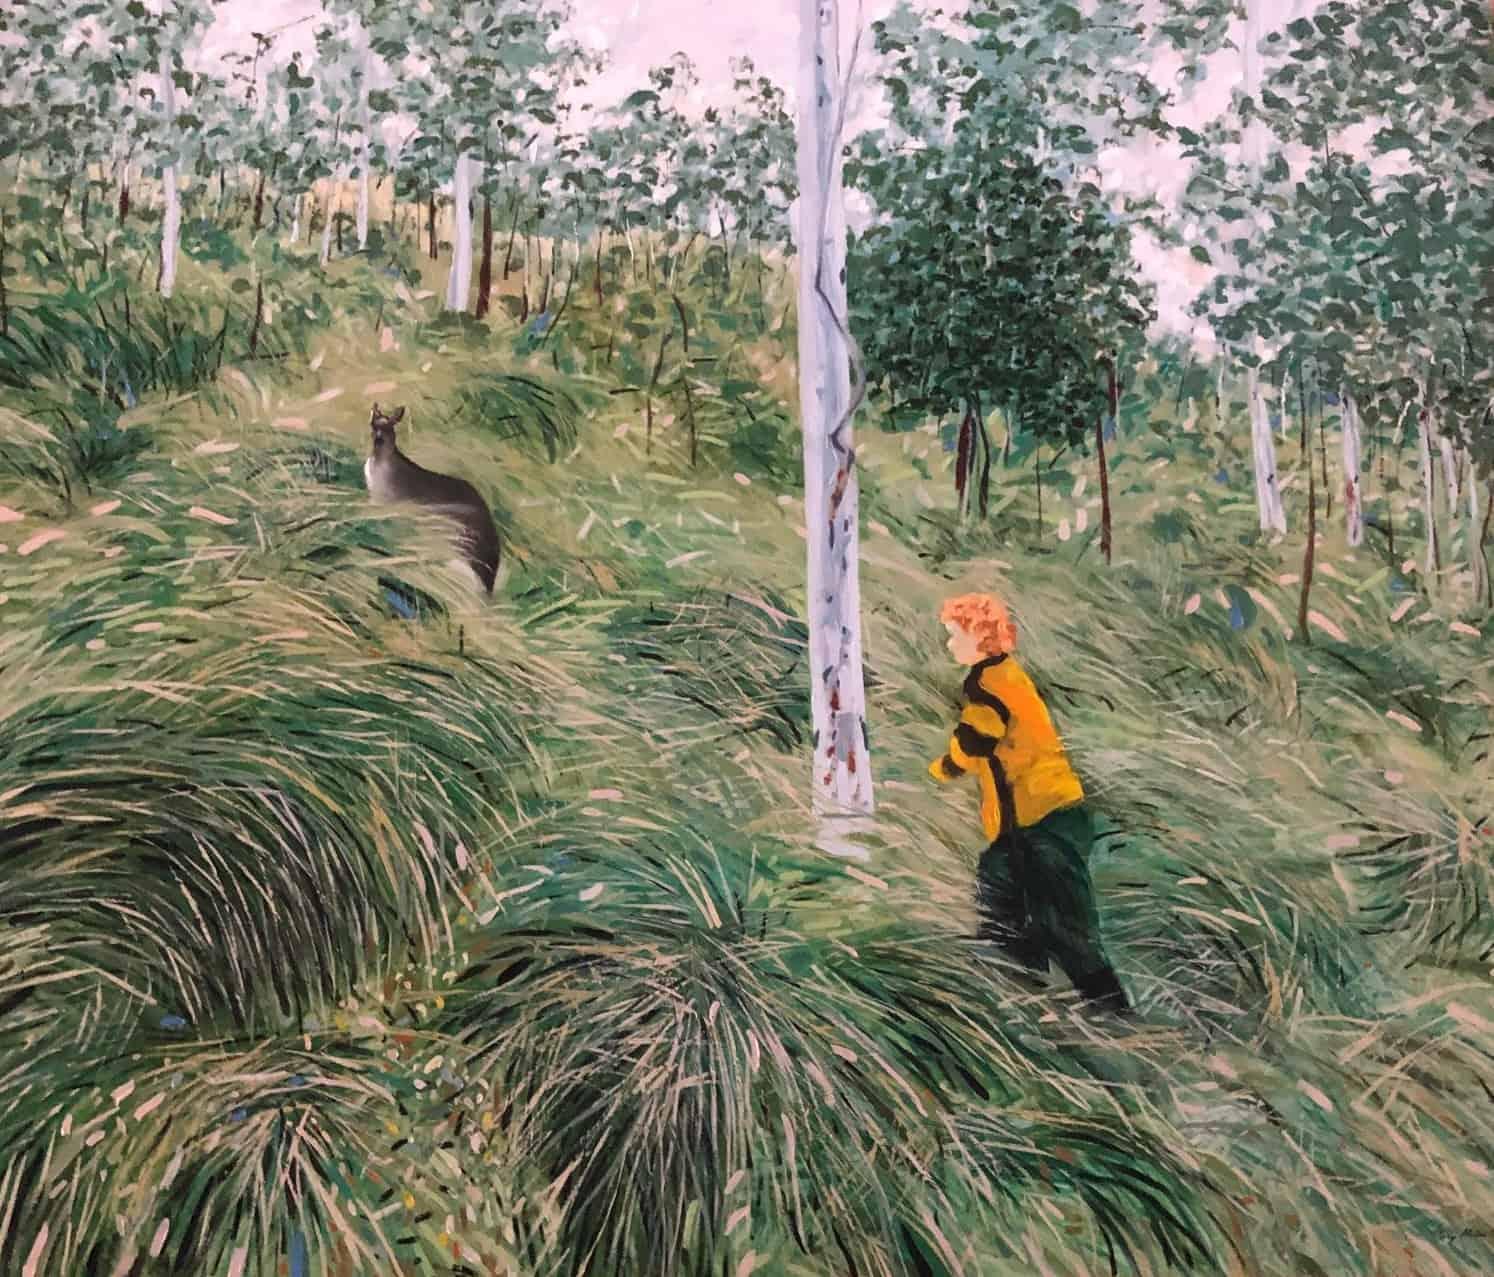 Kangaroo Snatcher - Buchan